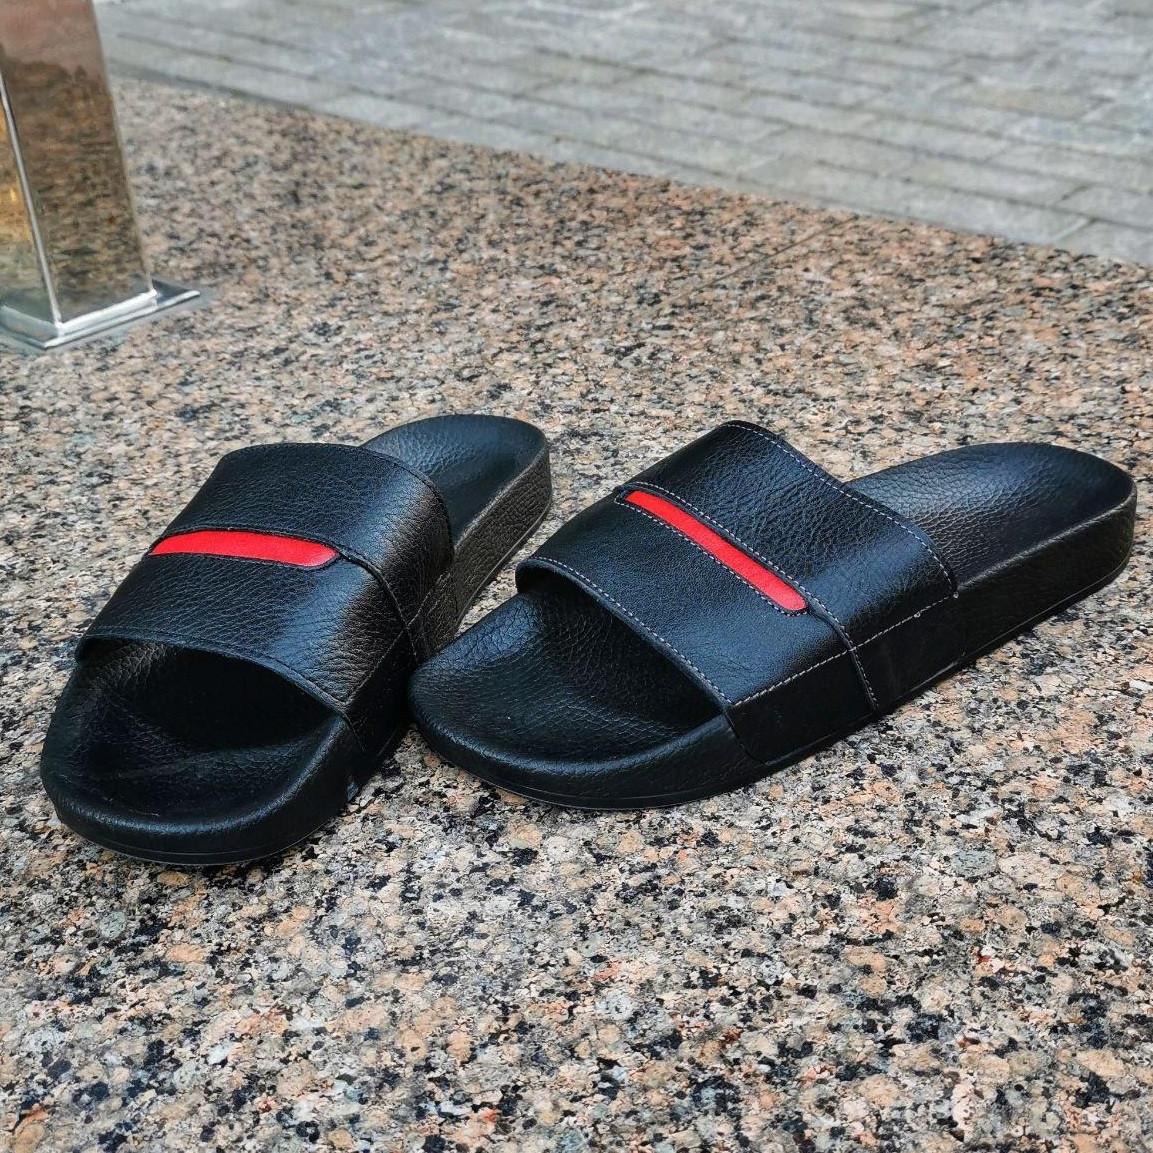 Мужские шлепки летние низкие шлепки кожаные черные с красным. Живое фото. Реплика